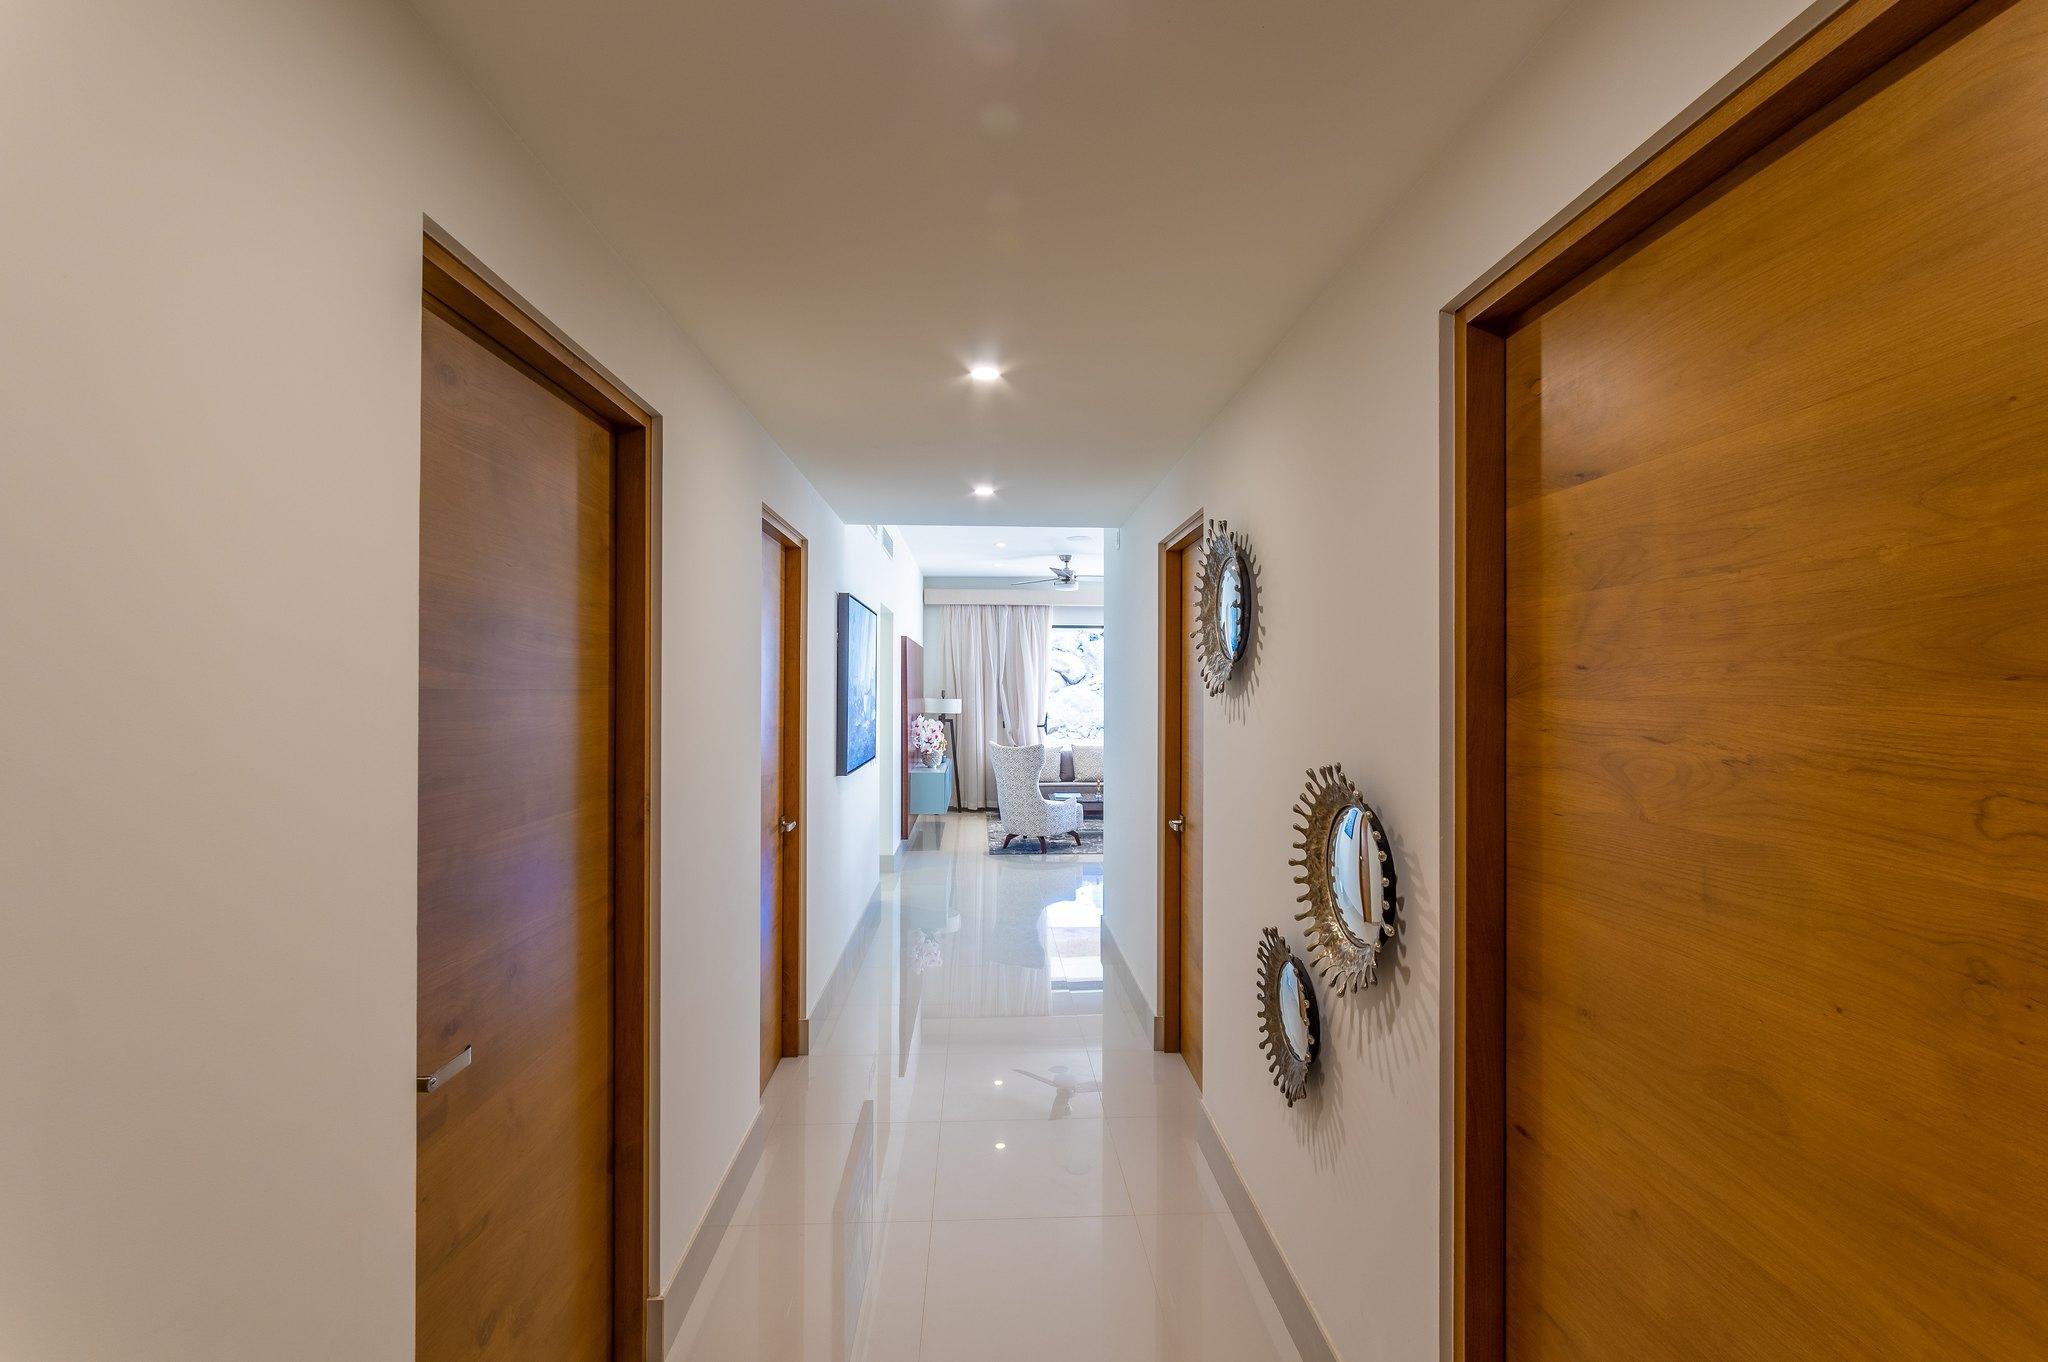 Cabo Corridor, 1 Bedroom Bedrooms, ,1 BathroomBathrooms,Condo,For Sale,Via de la Paloma,19-2800